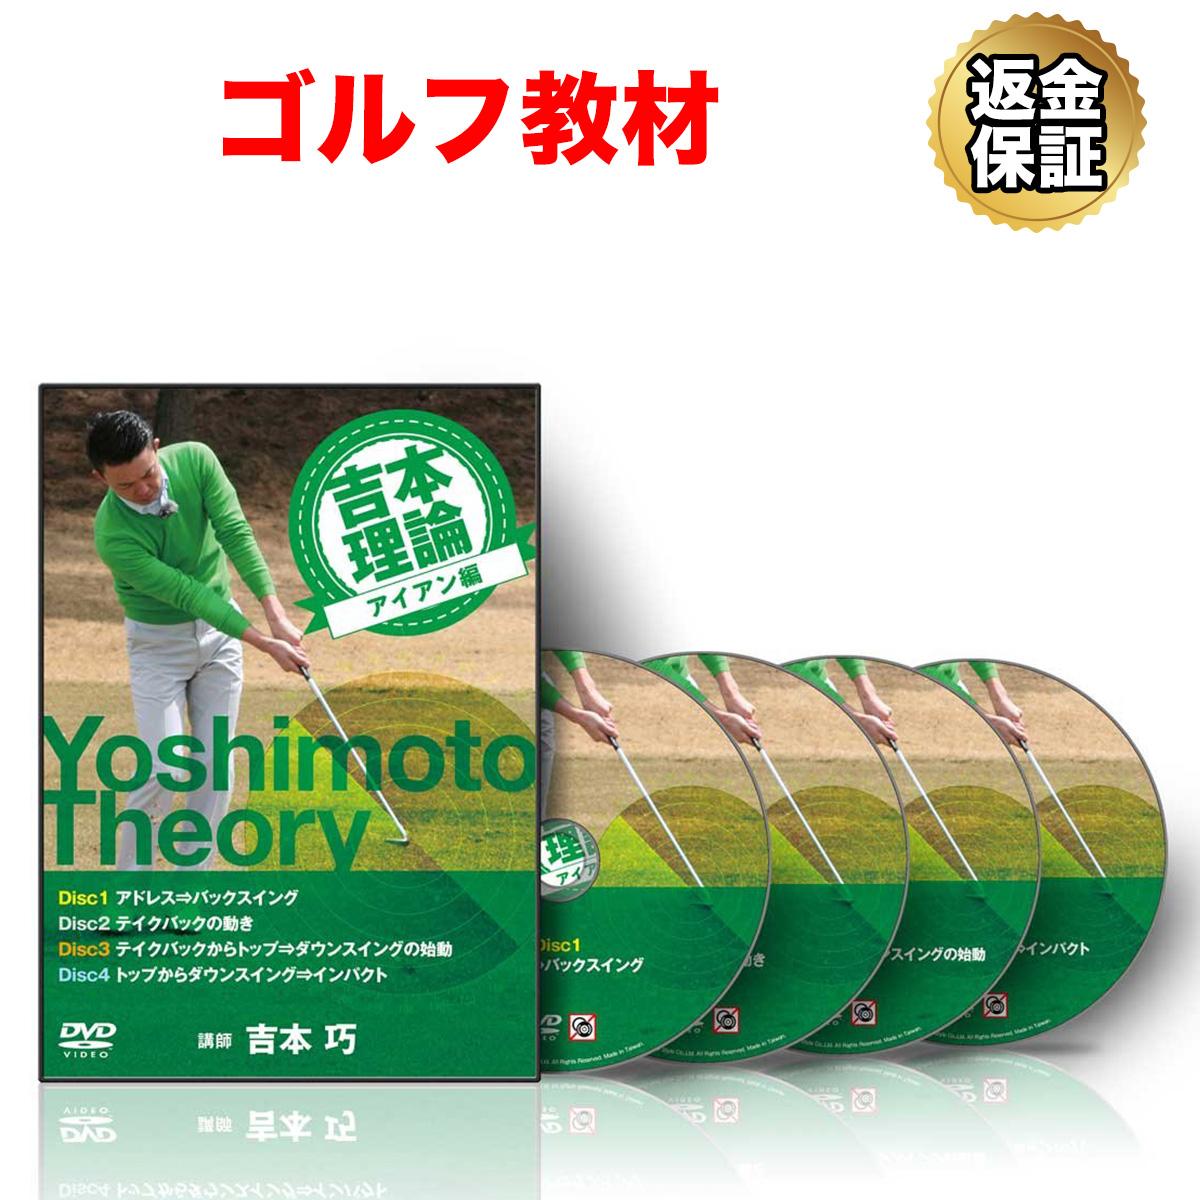 ゴルフ 教材 DVD 吉本理論~アイアン編~